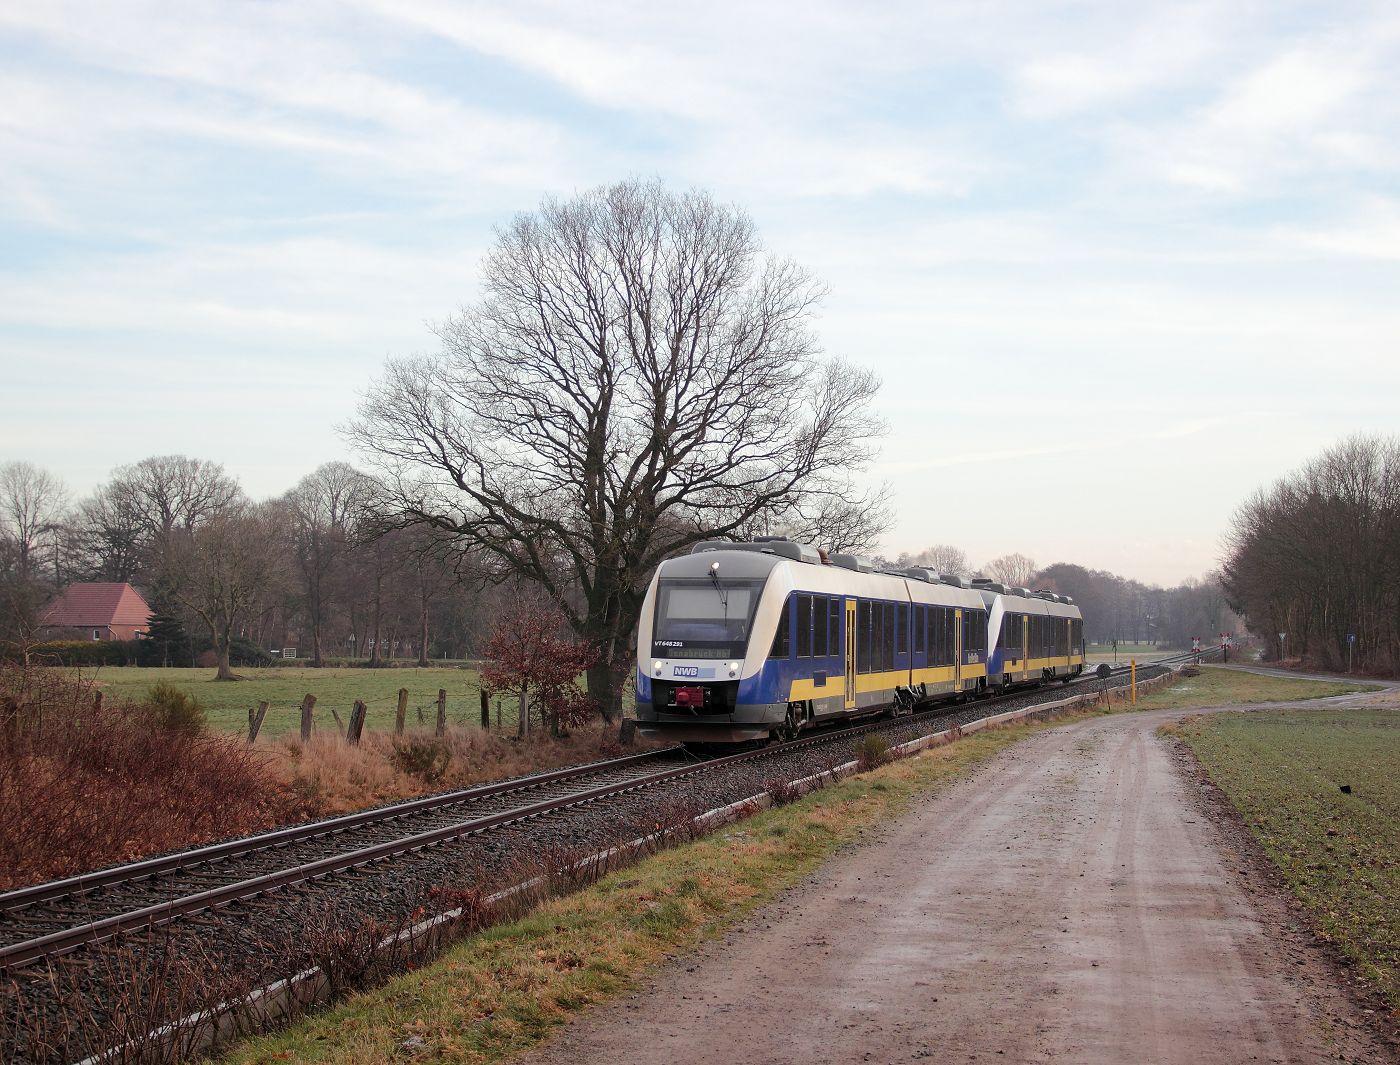 http://www.nachtbahner.de/Fotos/2014-02-05%20KBS394%20Hasenbahn%20in%20Delmenhorst/k-IMG_0822%20KBS394%20Hasenbahn%20in%20Delmenhorst%2005.02.14%20(4).JPG